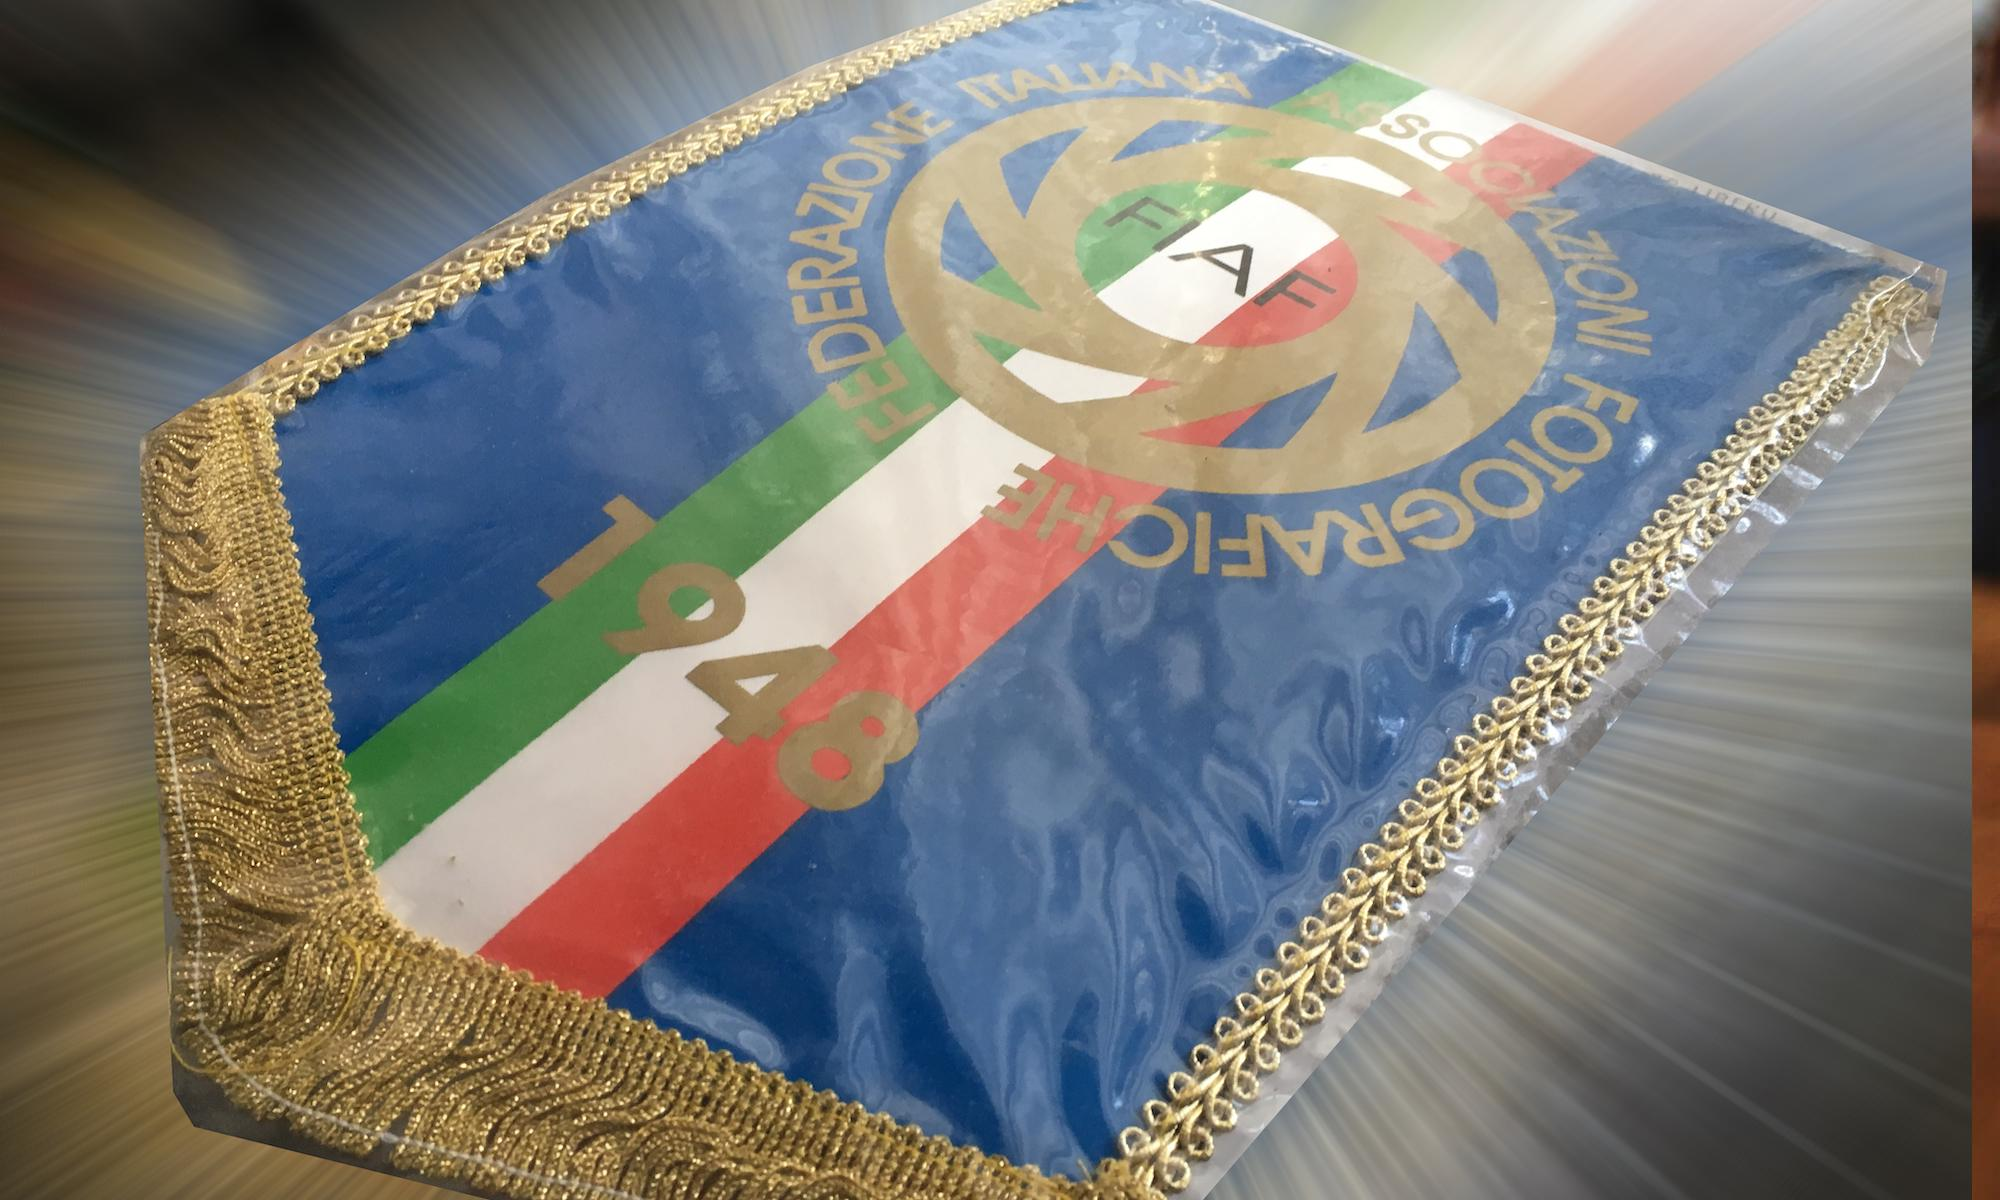 FIAF Veneto